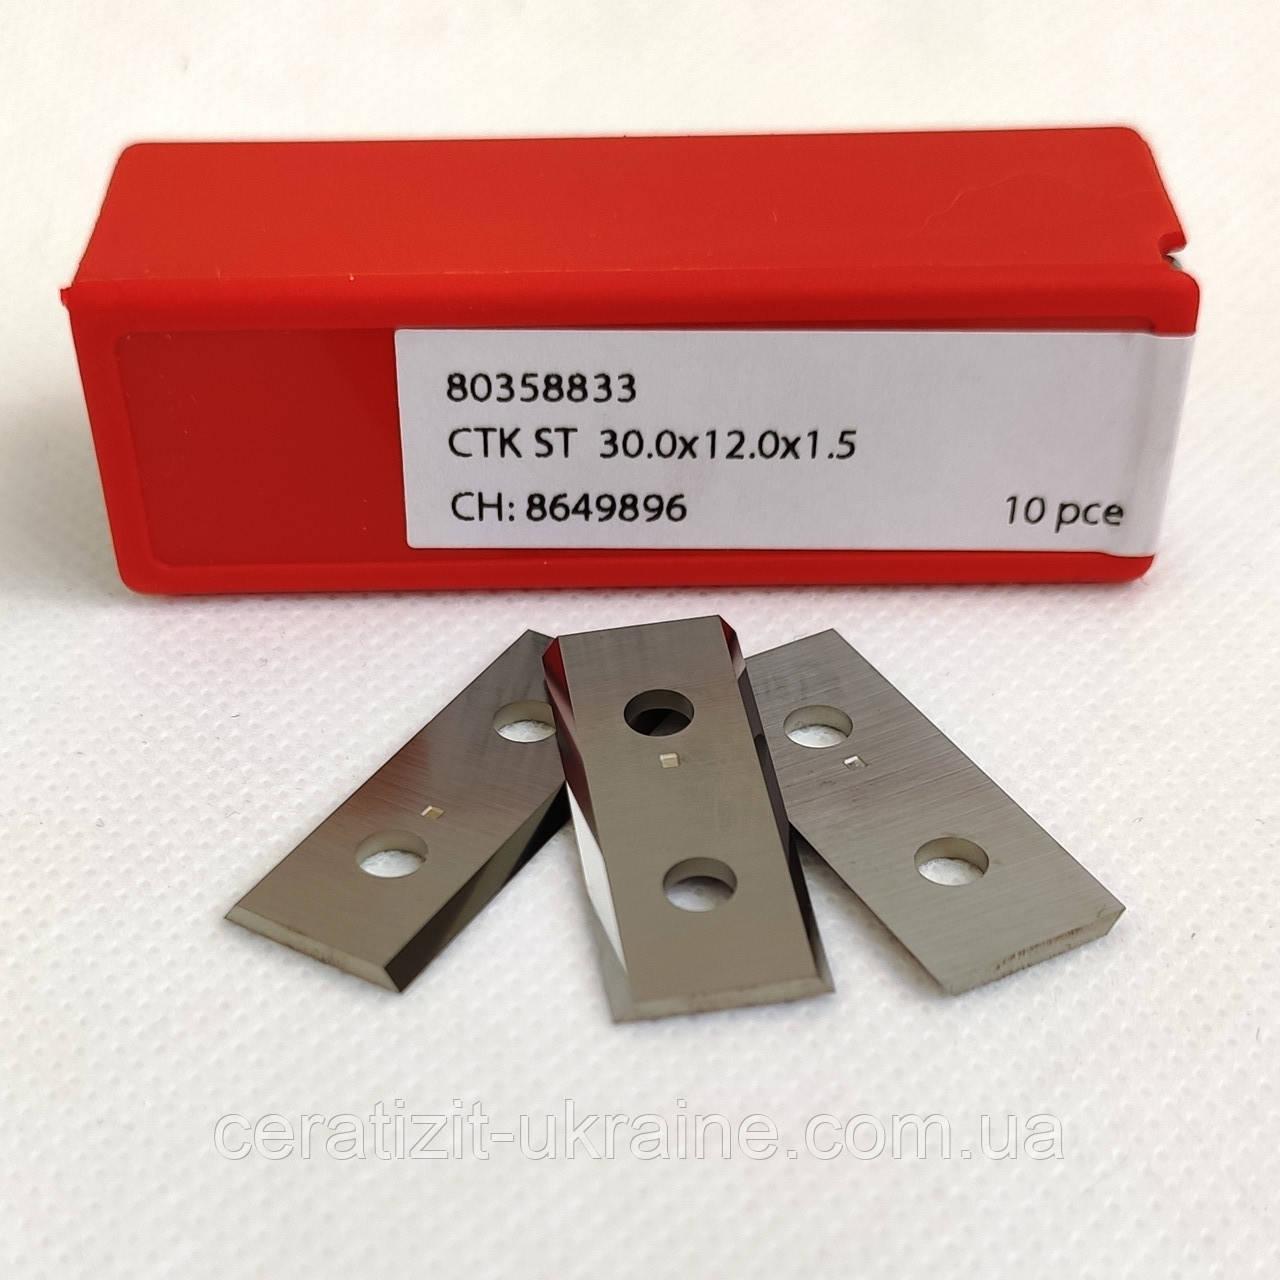 30,0х12,0х1,5 KCR08 ніж змінний тб/спл